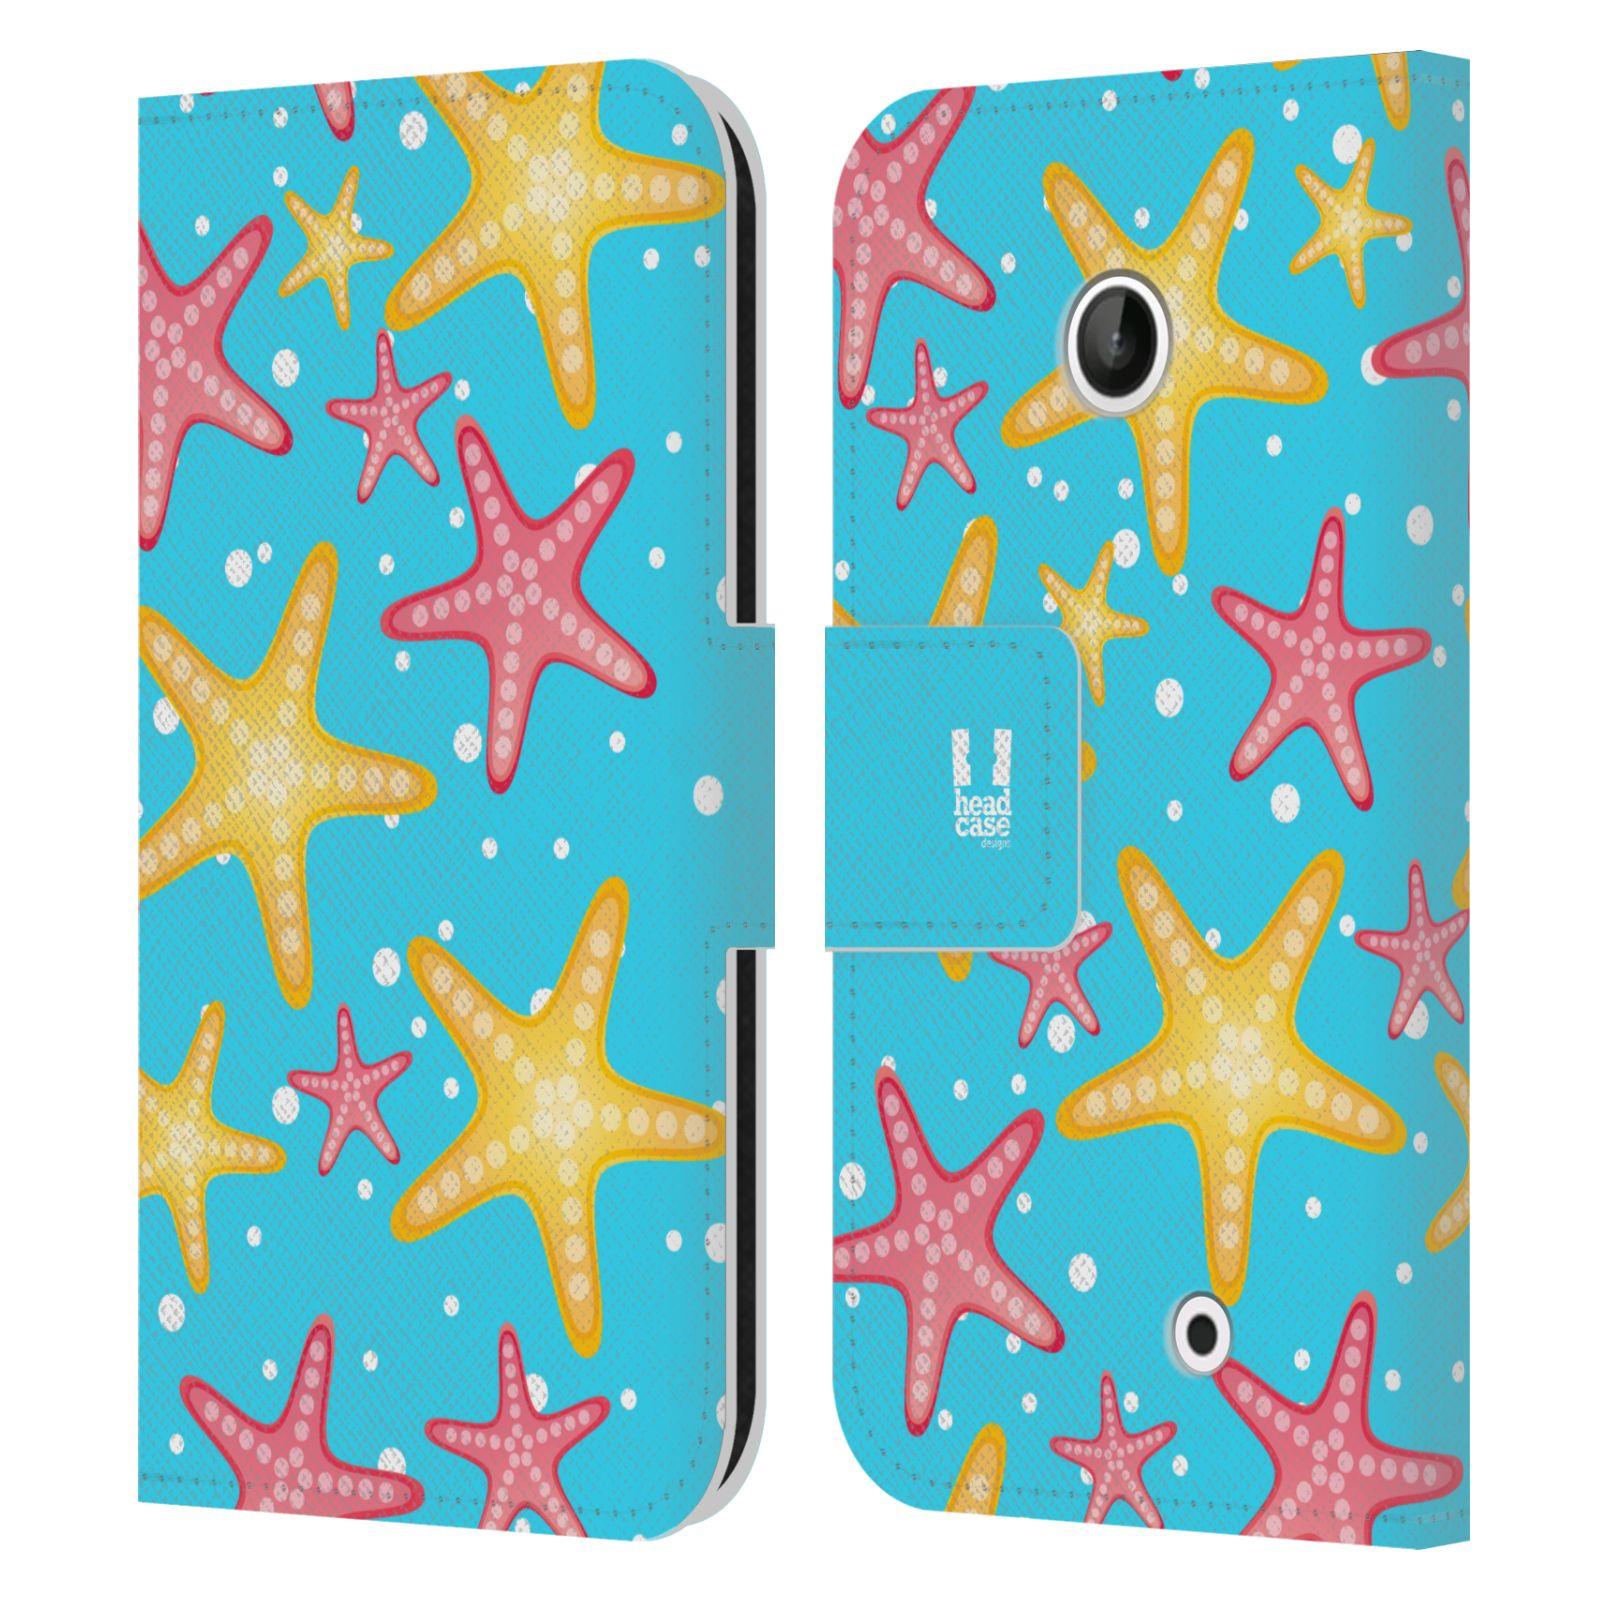 HEAD CASE Flipové pouzdro pro mobil NOKIA LUMIA 630 / LUMIA 630 DUAL Mořský živočich hvězdice modrá barva pozadí